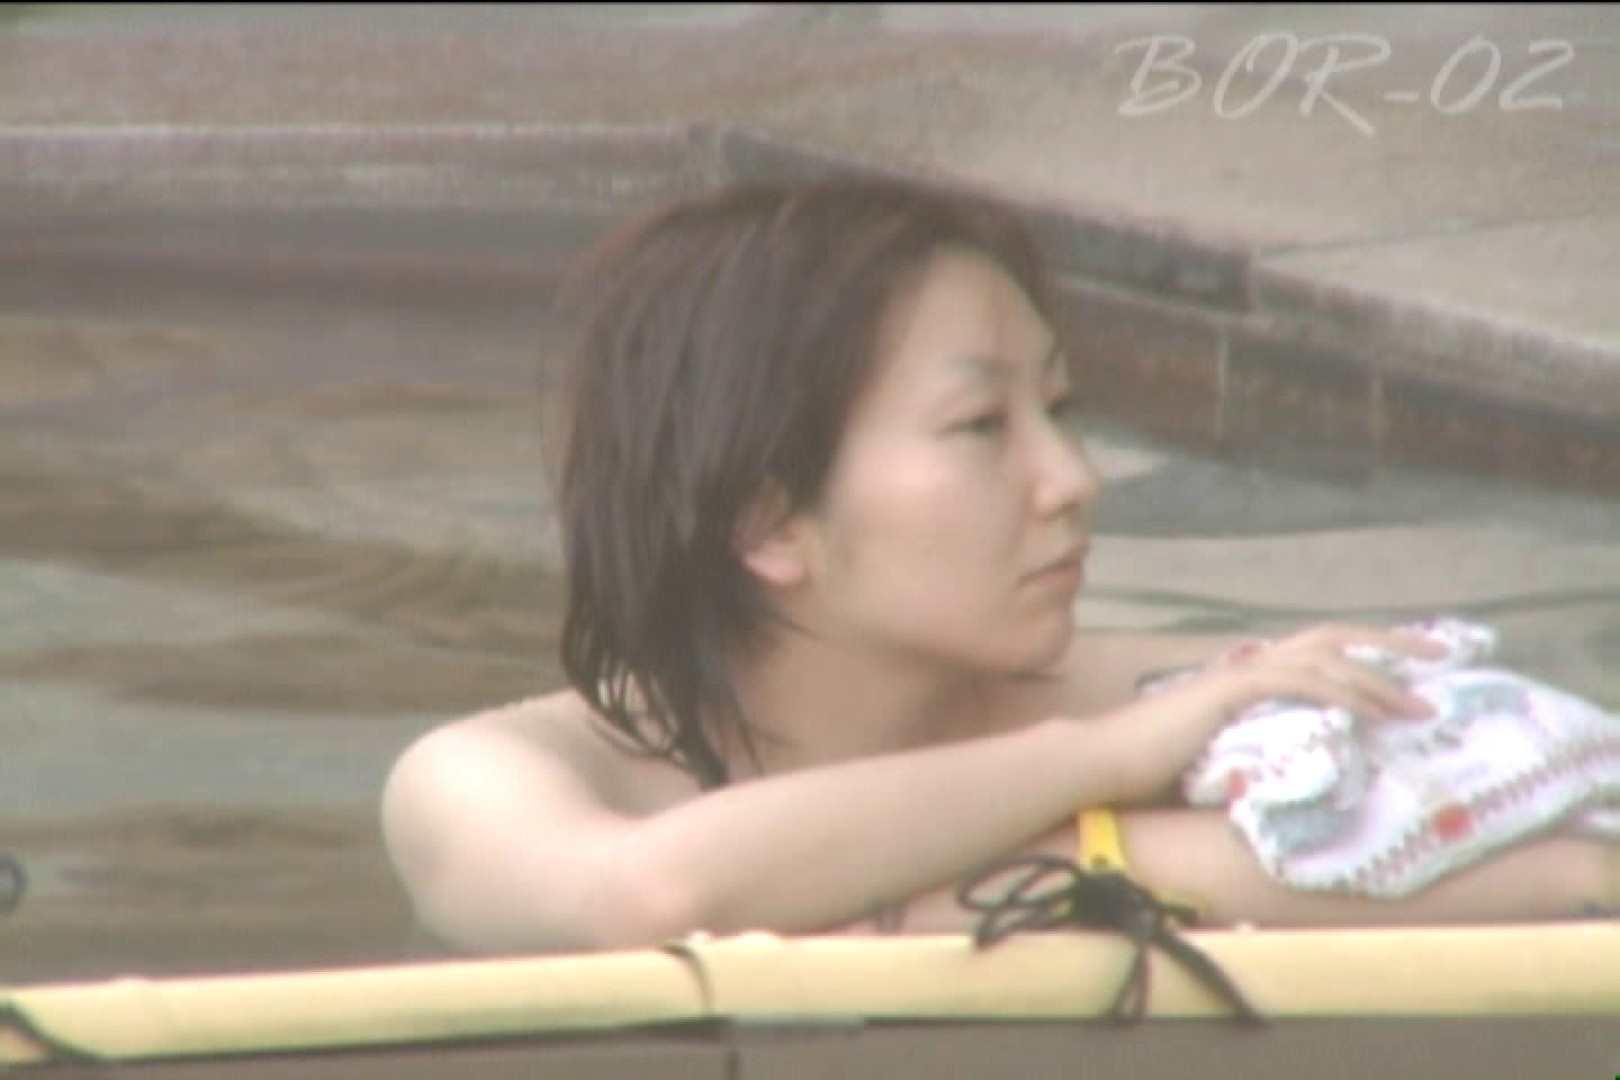 Aquaな露天風呂Vol.479 美しいOLの裸体  92pic 54